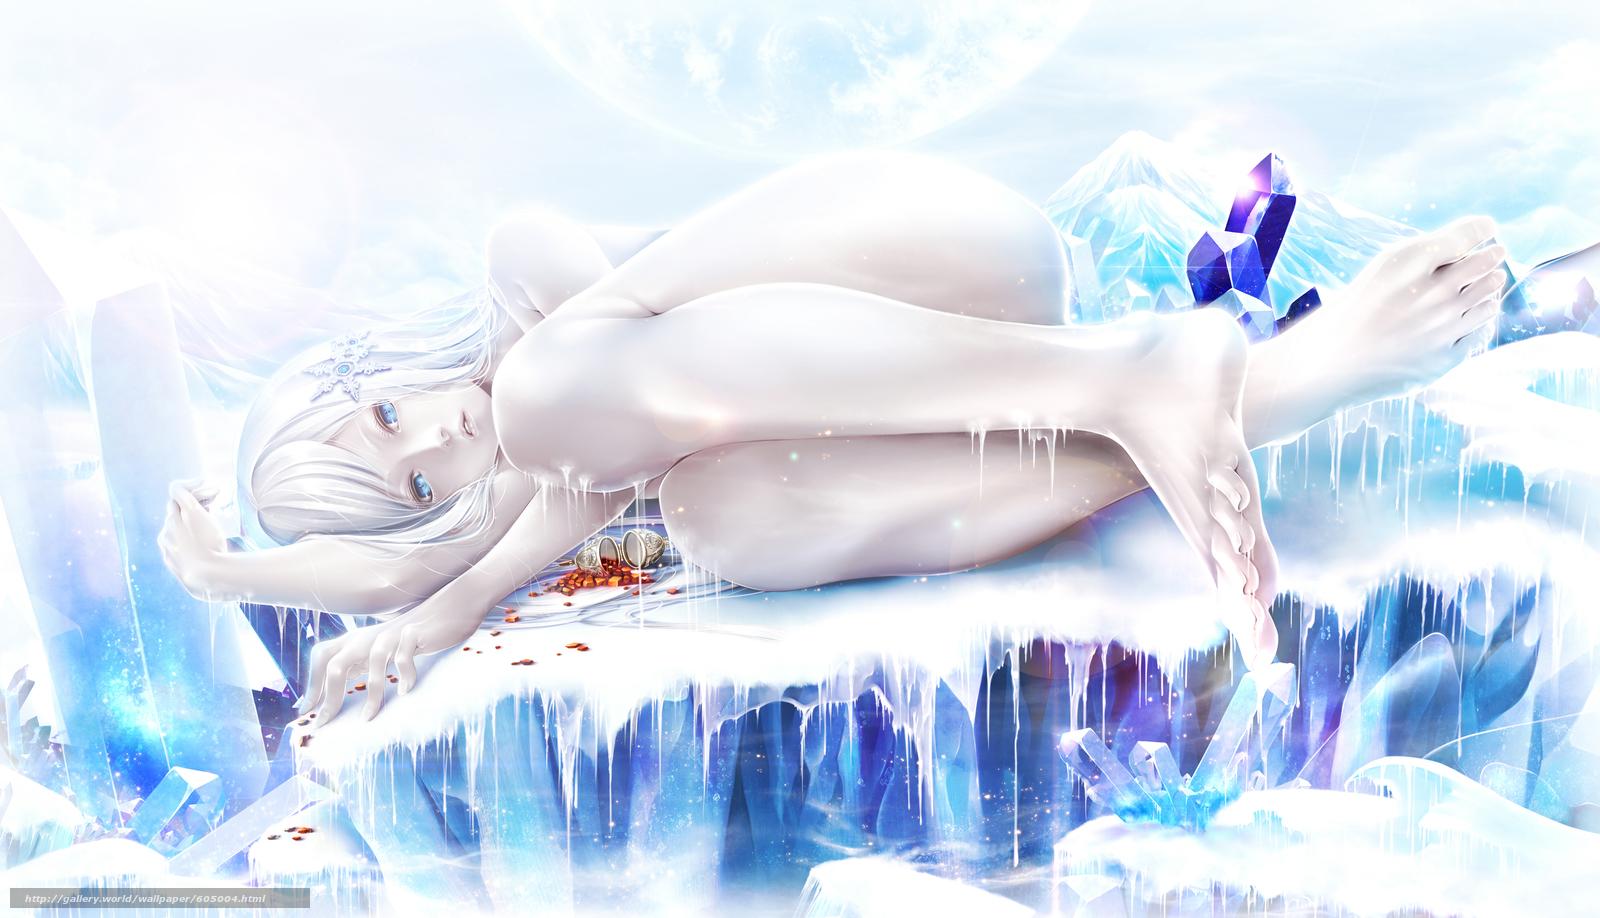 Скачать на телефон обои фото картинку на тему Аниме, Девушка, Лёд, разширение 4000x2296